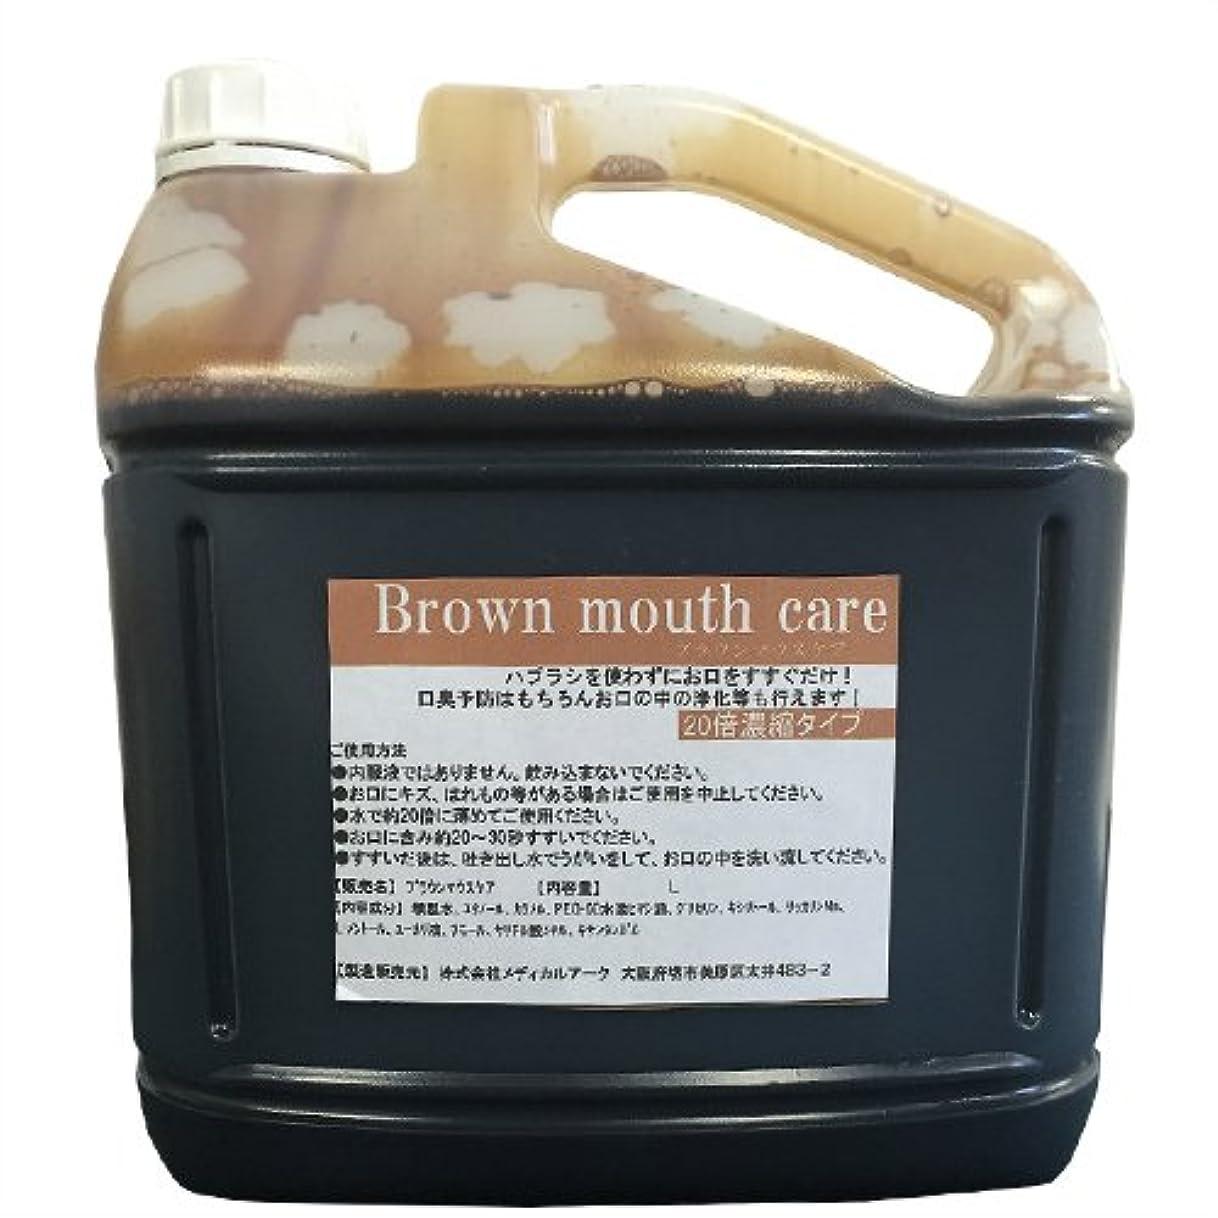 ソビエト少ない機転業務用洗口液 ガーグル ブラウンマウスケア (Brown mouth care) 20倍濃縮タイプ 5L (詰め替えコック付き)